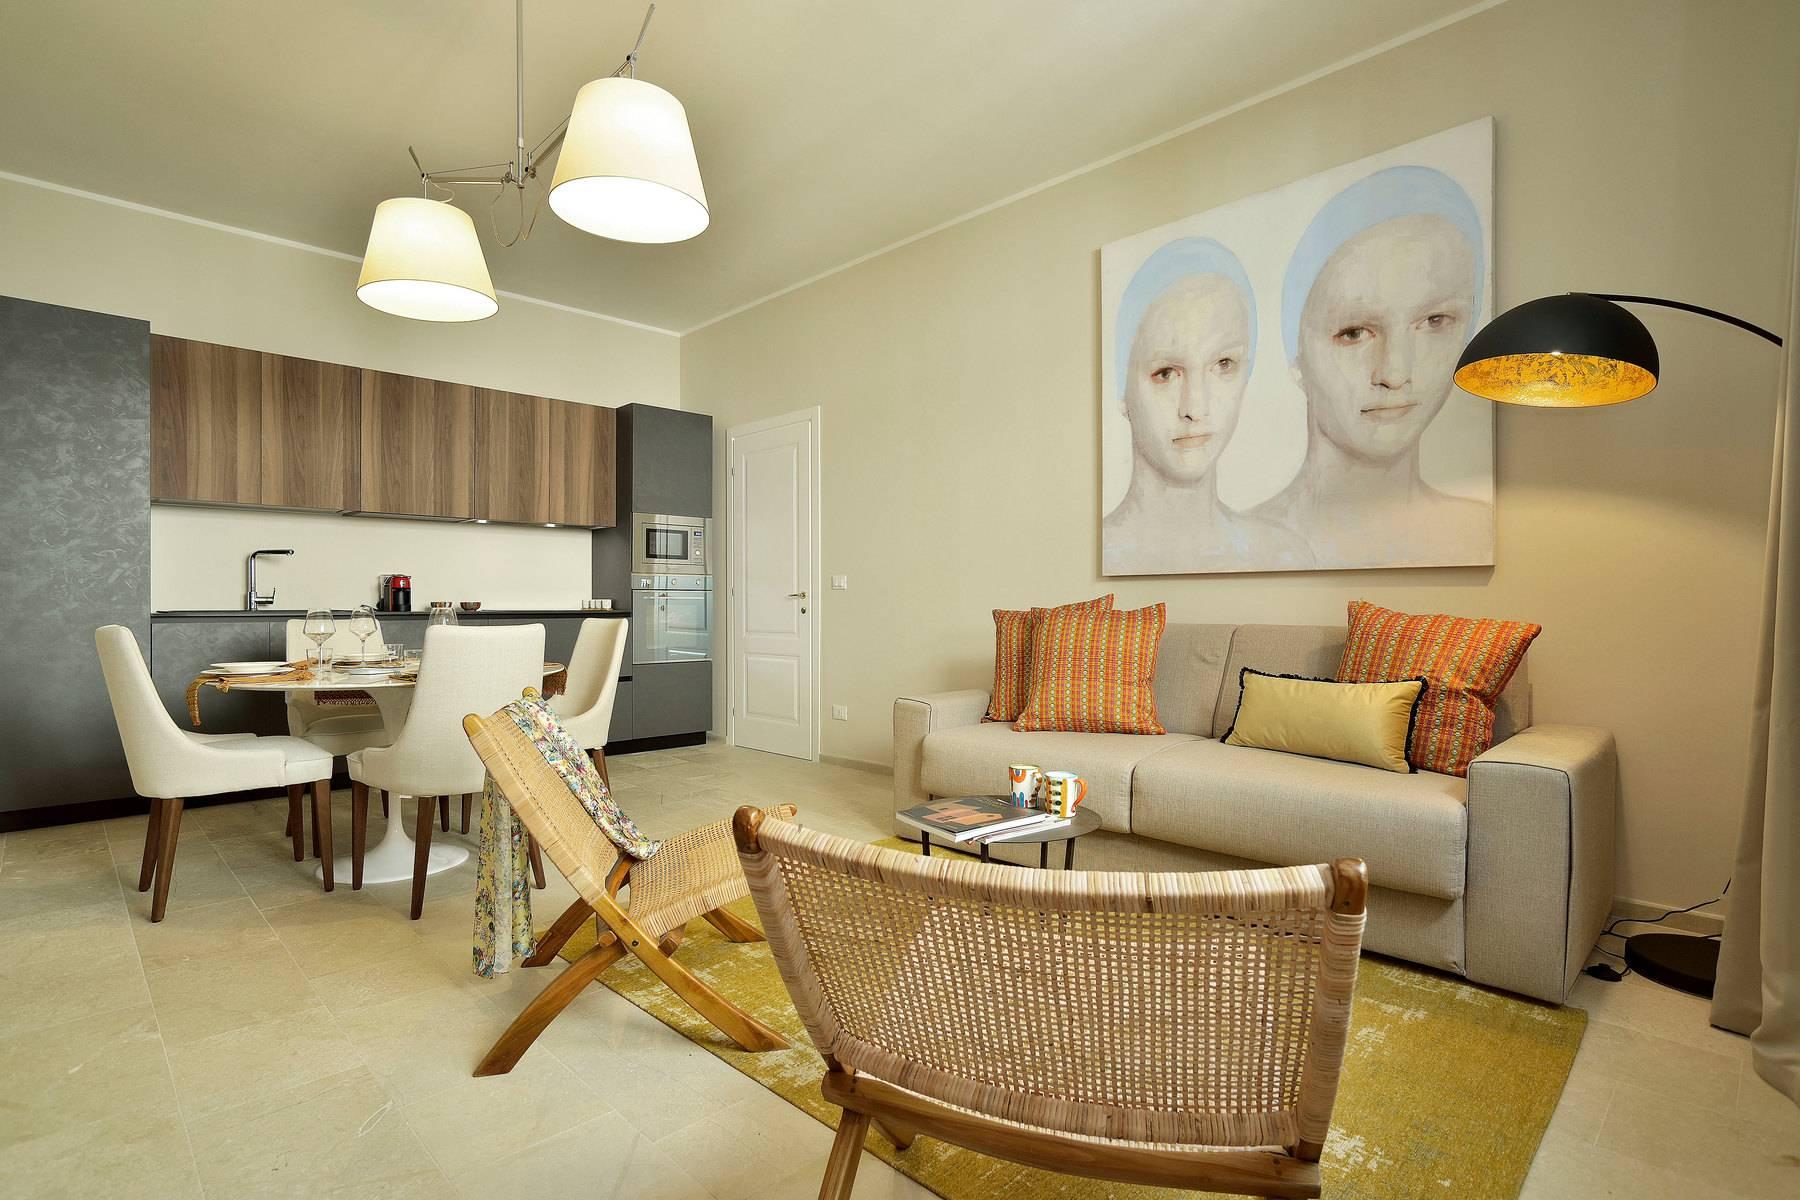 Appartamento in Vendita a Noto: 3 locali, 73 mq - Foto 5